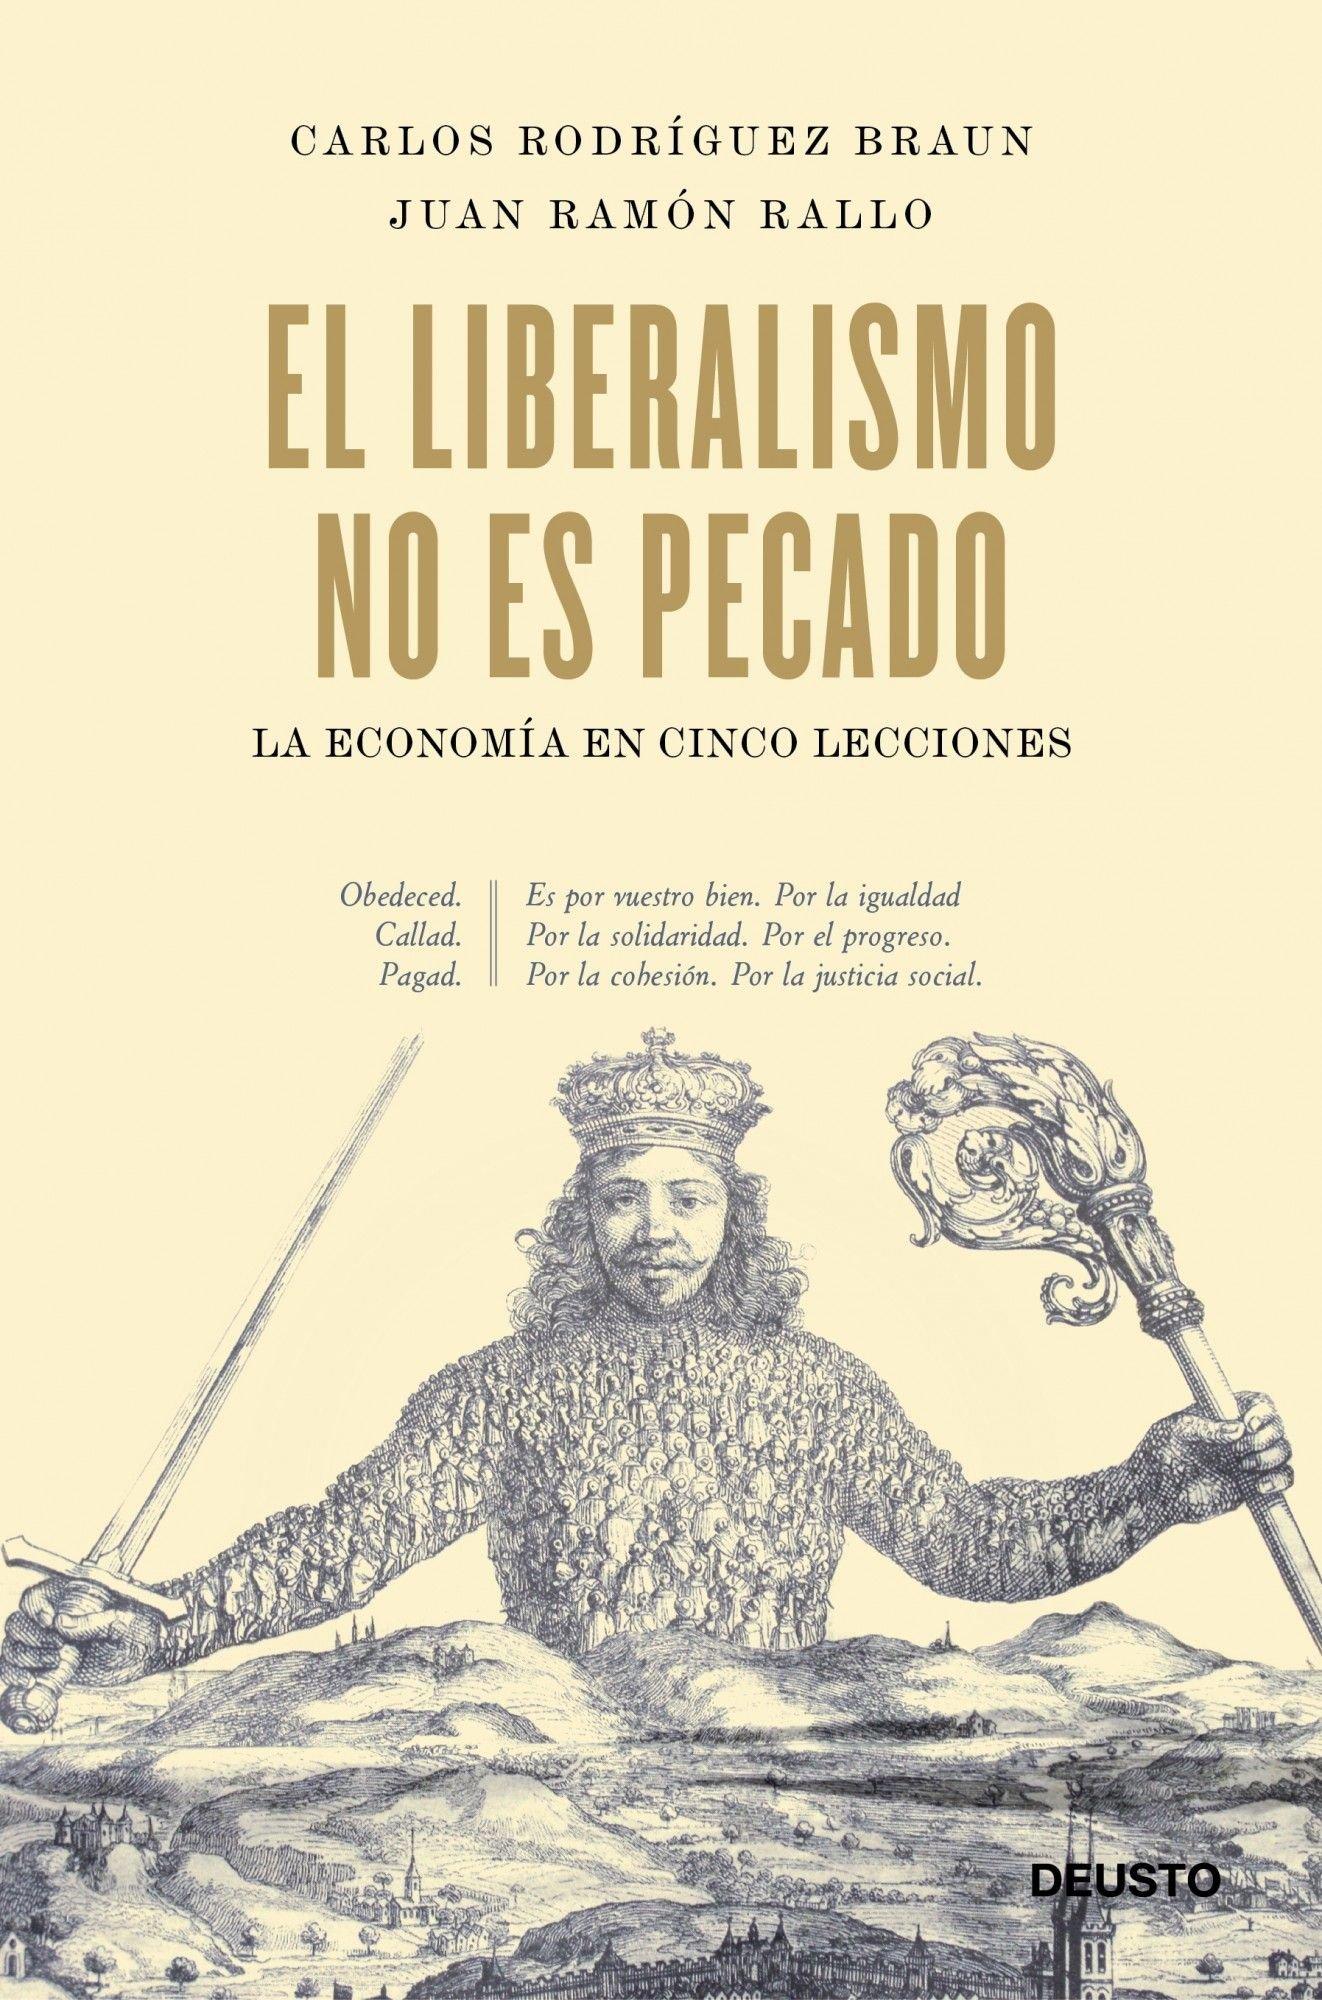 El liberalismo no es pecado: La economía en cinco lecciones Sin colección: Amazon.es: Rodríguez Braun, Carlos, Rallo, Juan Ramón: Libros